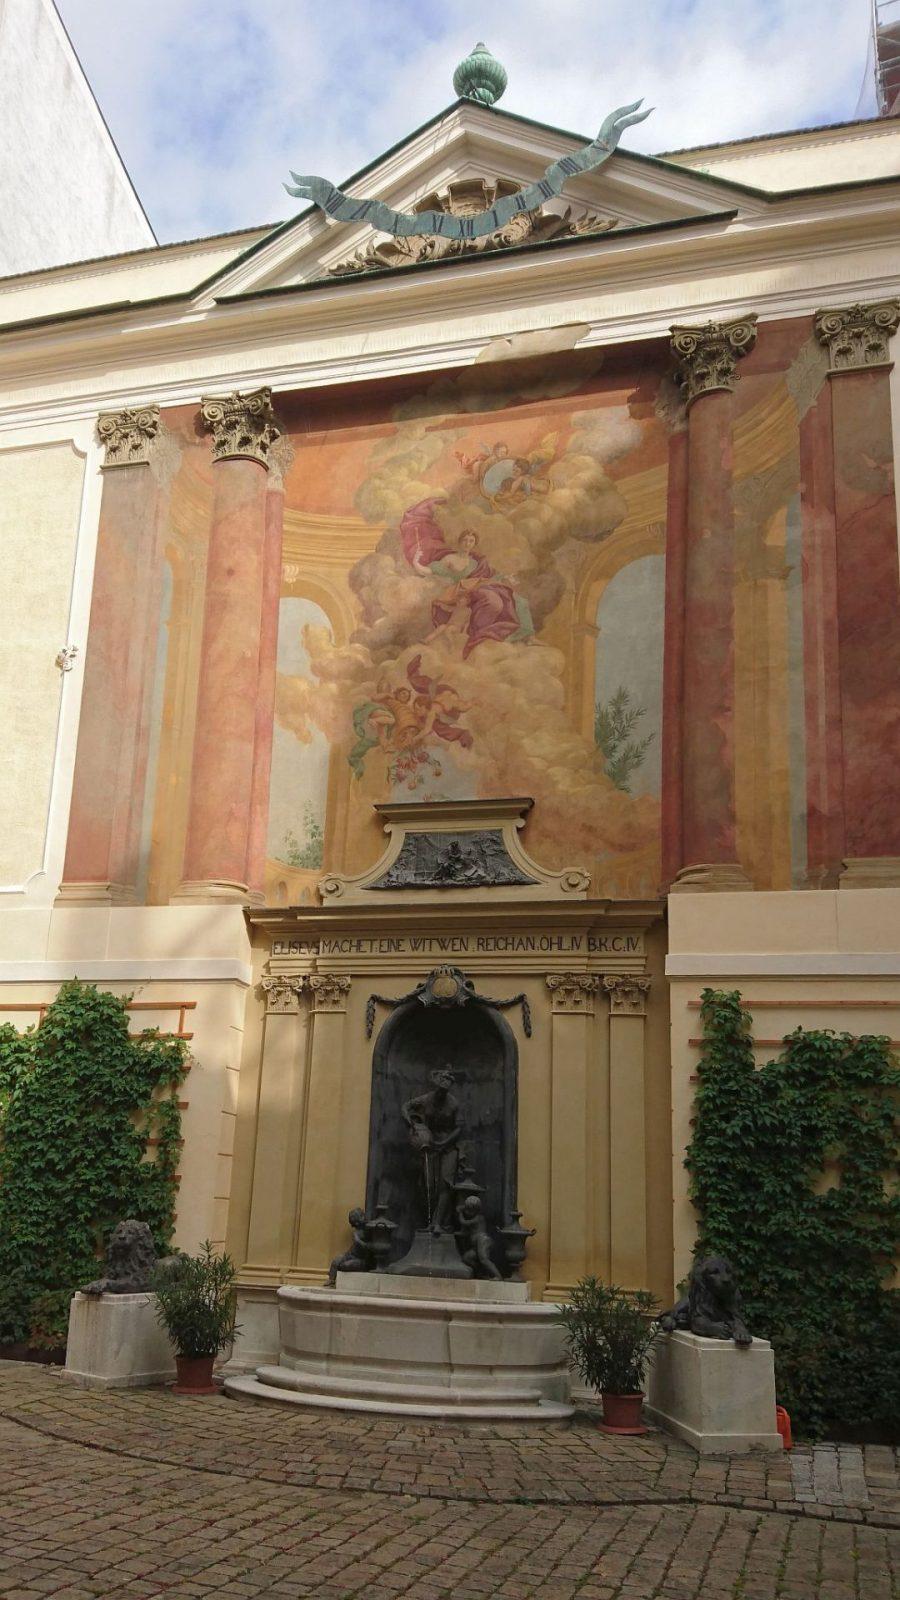 Eher zufällig entdeckt, der Witwe-von-Sarepta-Brunnen in Wien